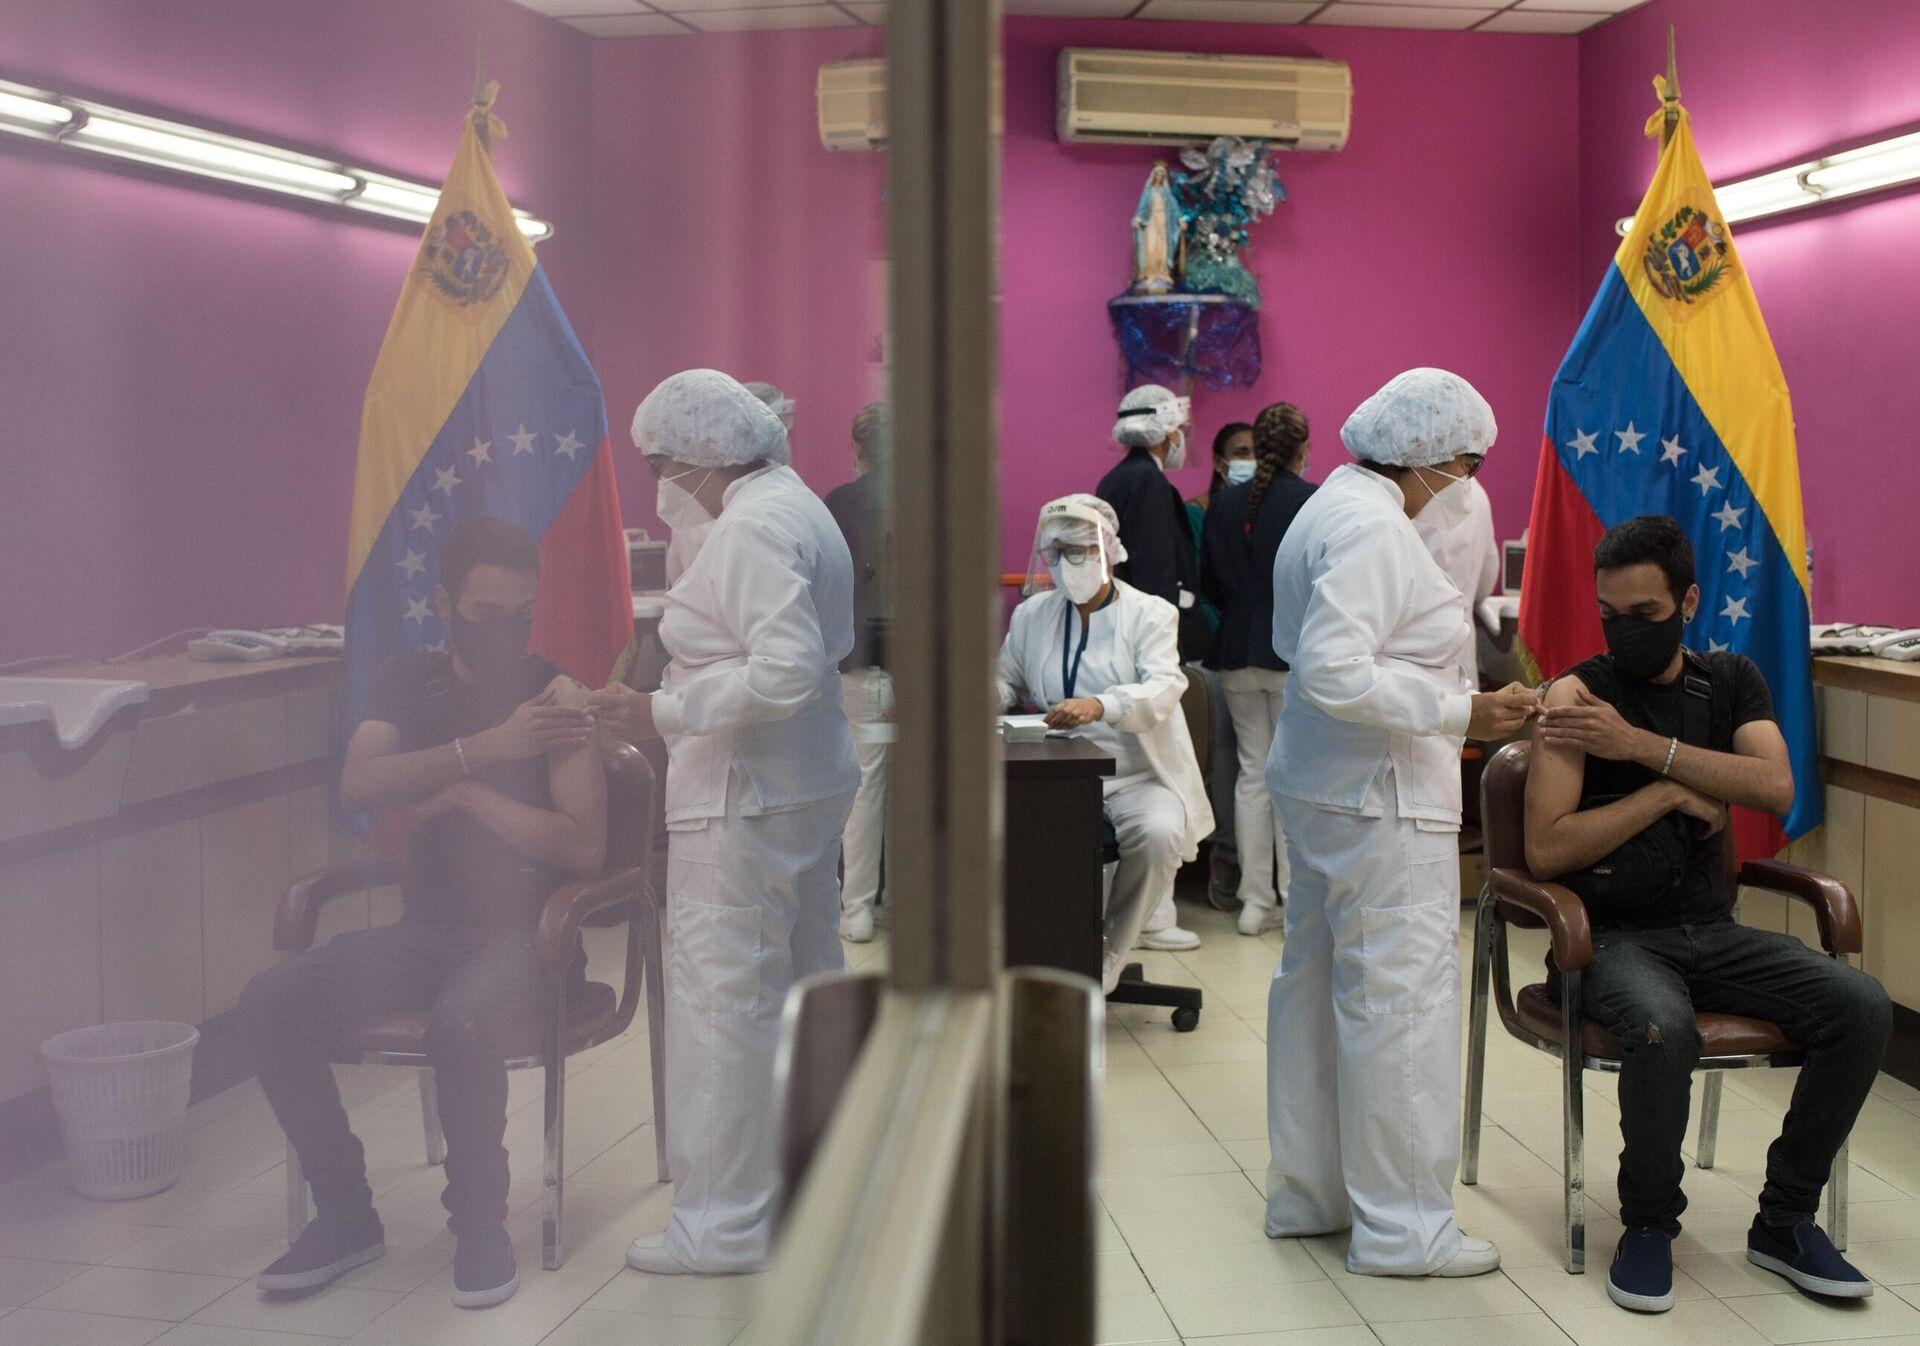 Trabajadores de la salud de Venezuela aplican dosis de la vacuna Sputnik V en Caracas - Sputnik Mundo, 1920, 23.02.2021